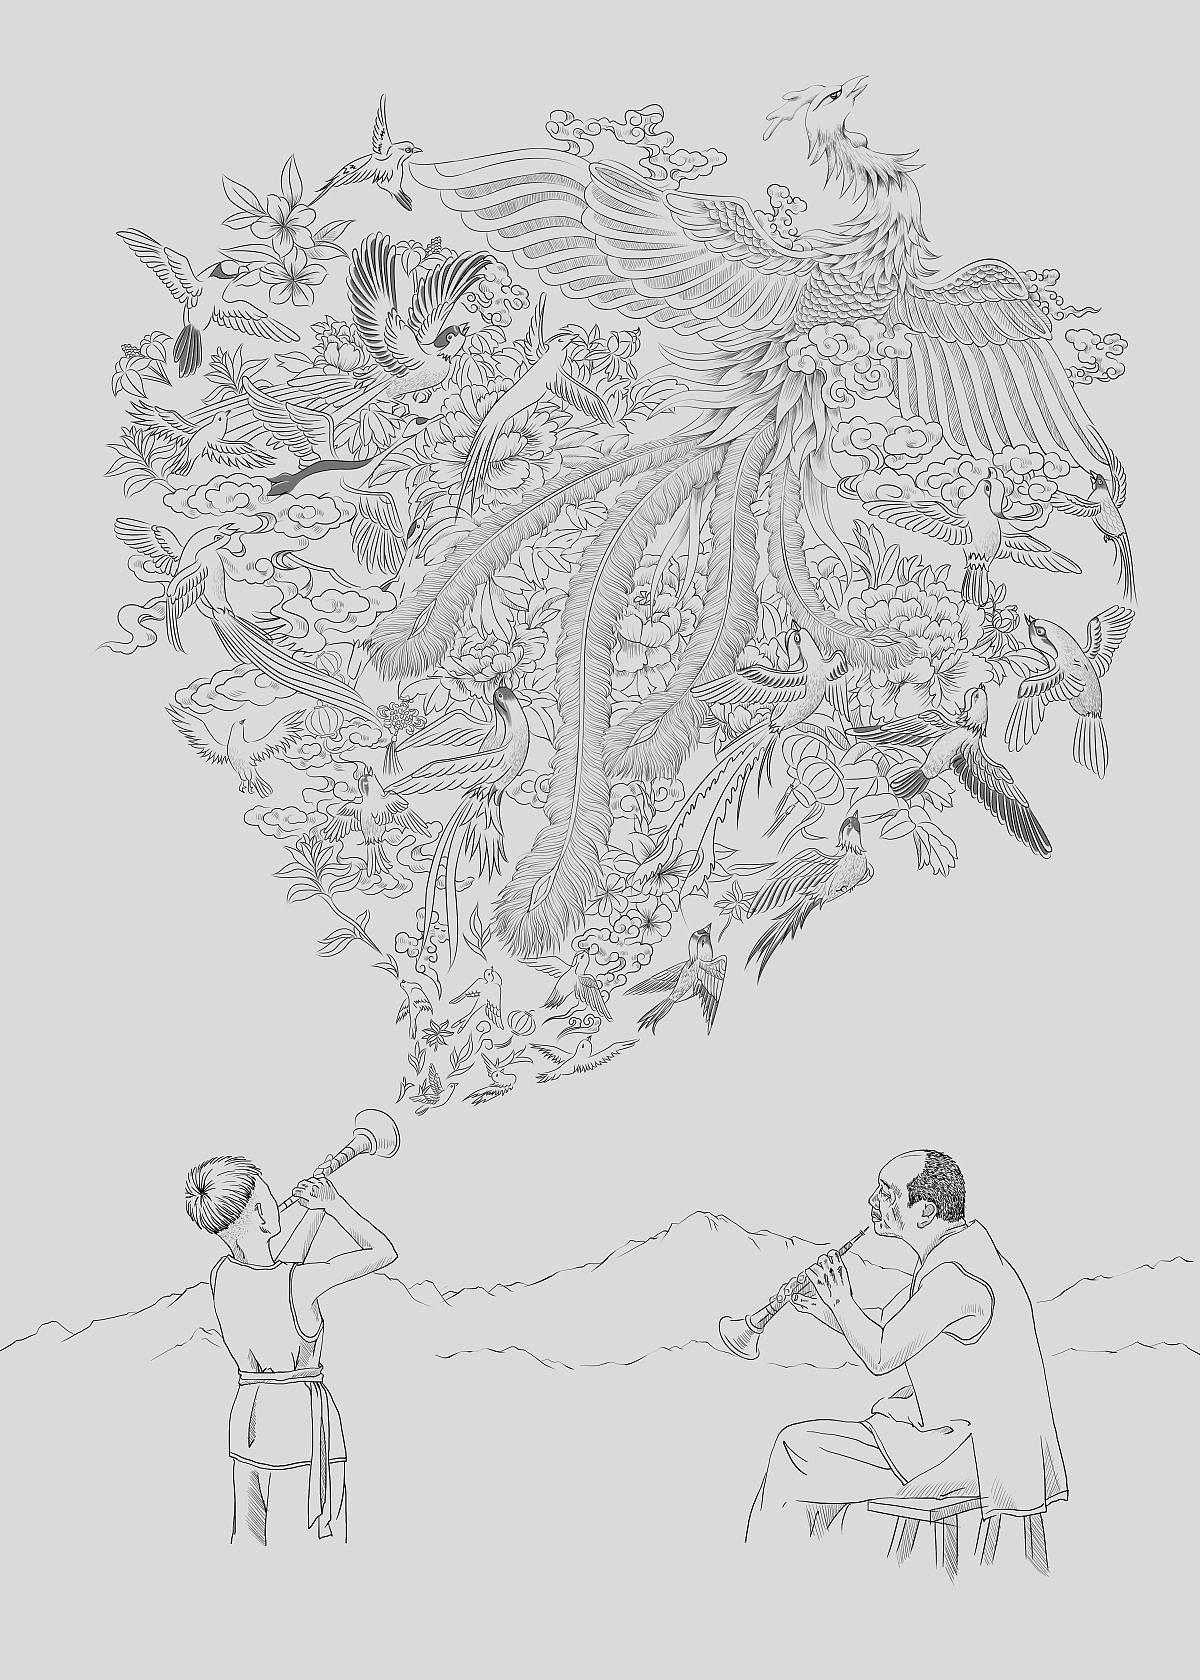 百鸟朝凤手绘版海报